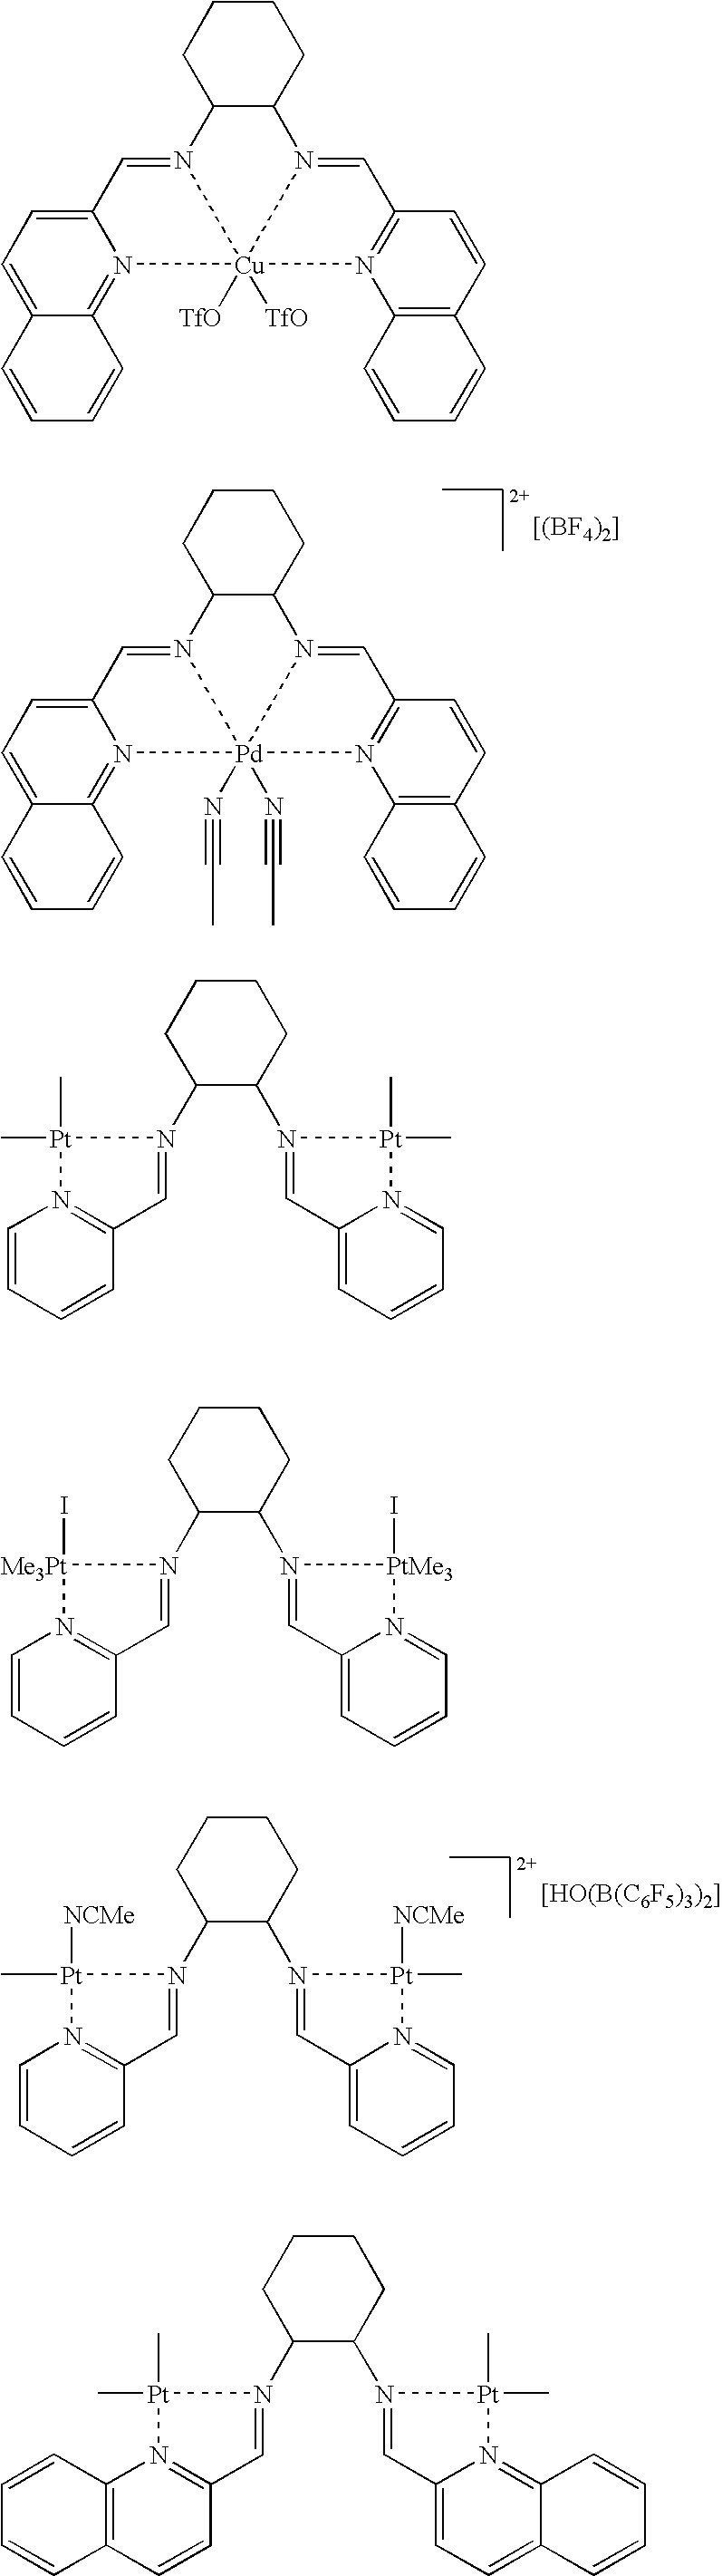 Figure US20060135352A1-20060622-C00024